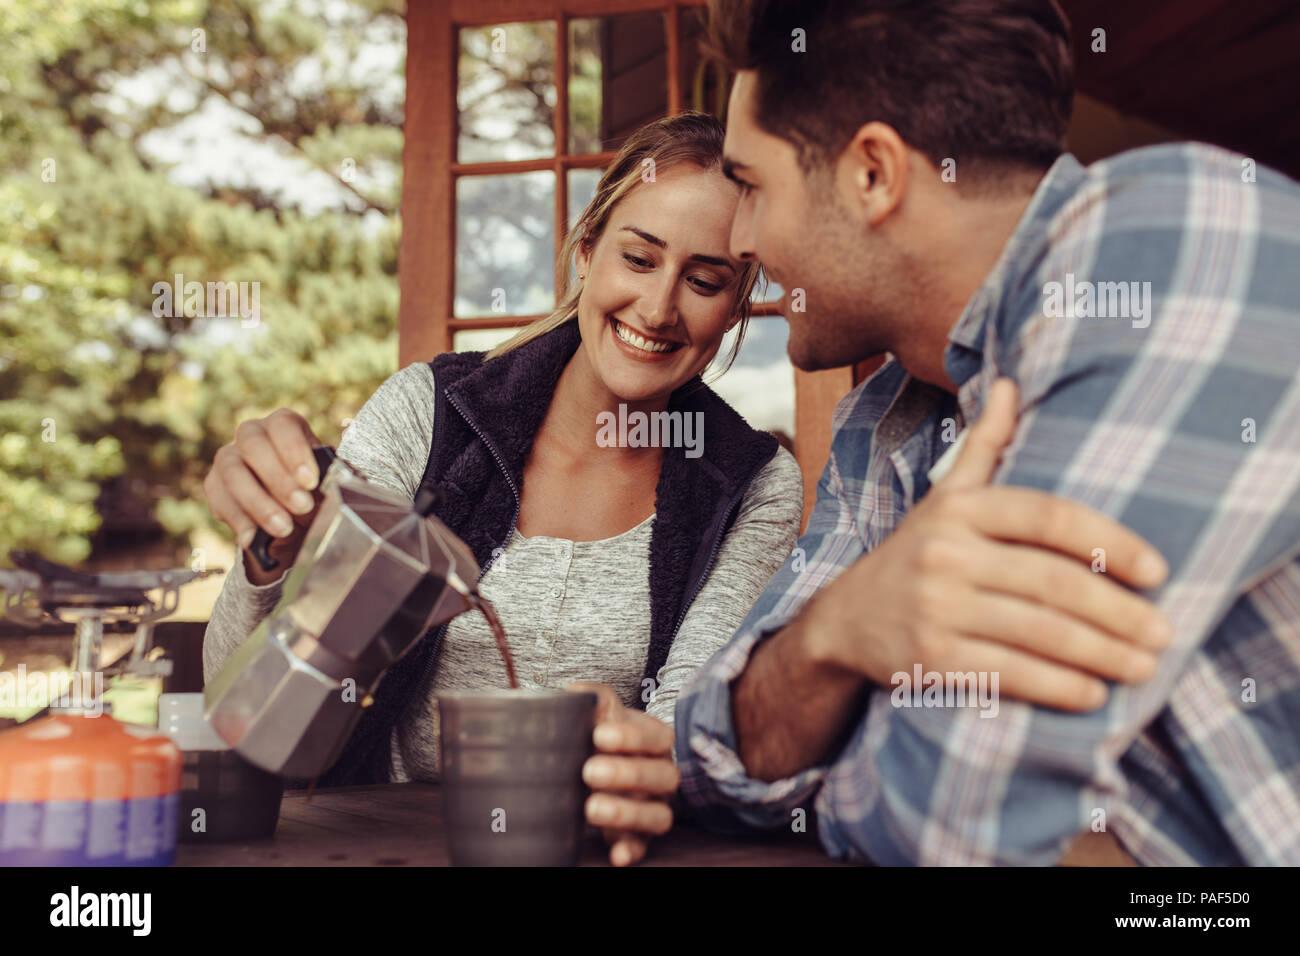 Felice giovane donna che serve caffè al suo fidanzato. Coppia avente un caffè la mattina. Donna versando il caffè nella tazza del suo ragazzo. Immagini Stock